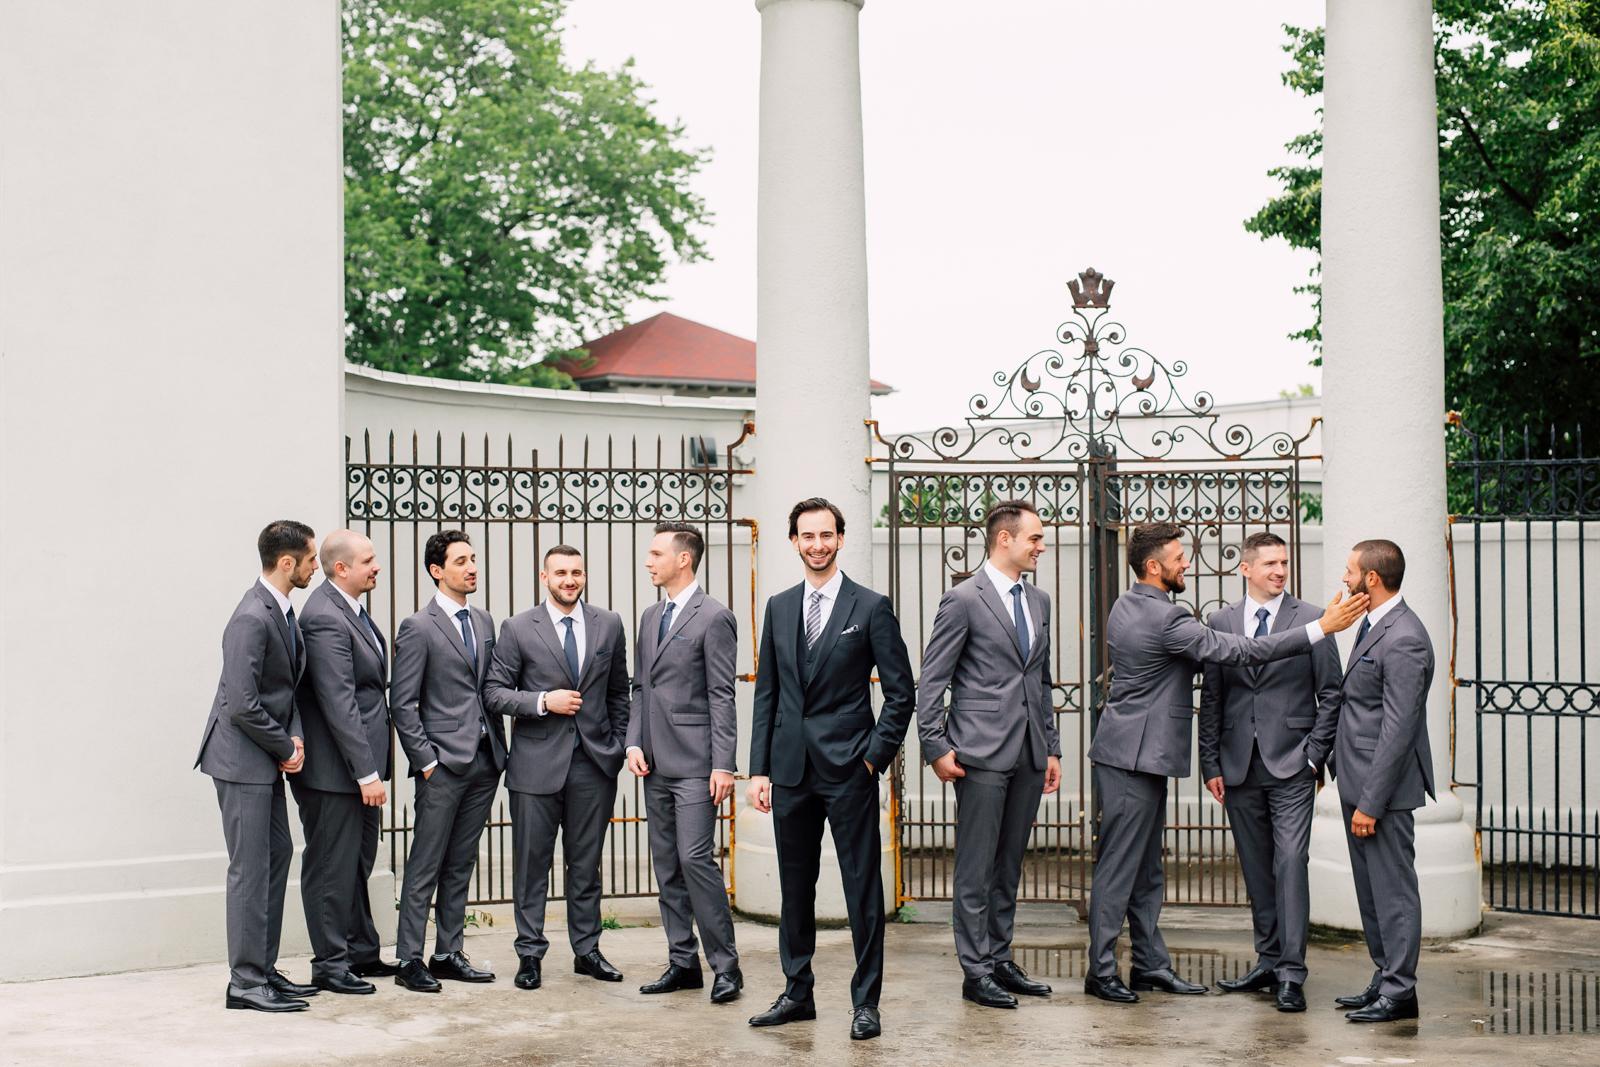 sunnyside pavilion groomsmen